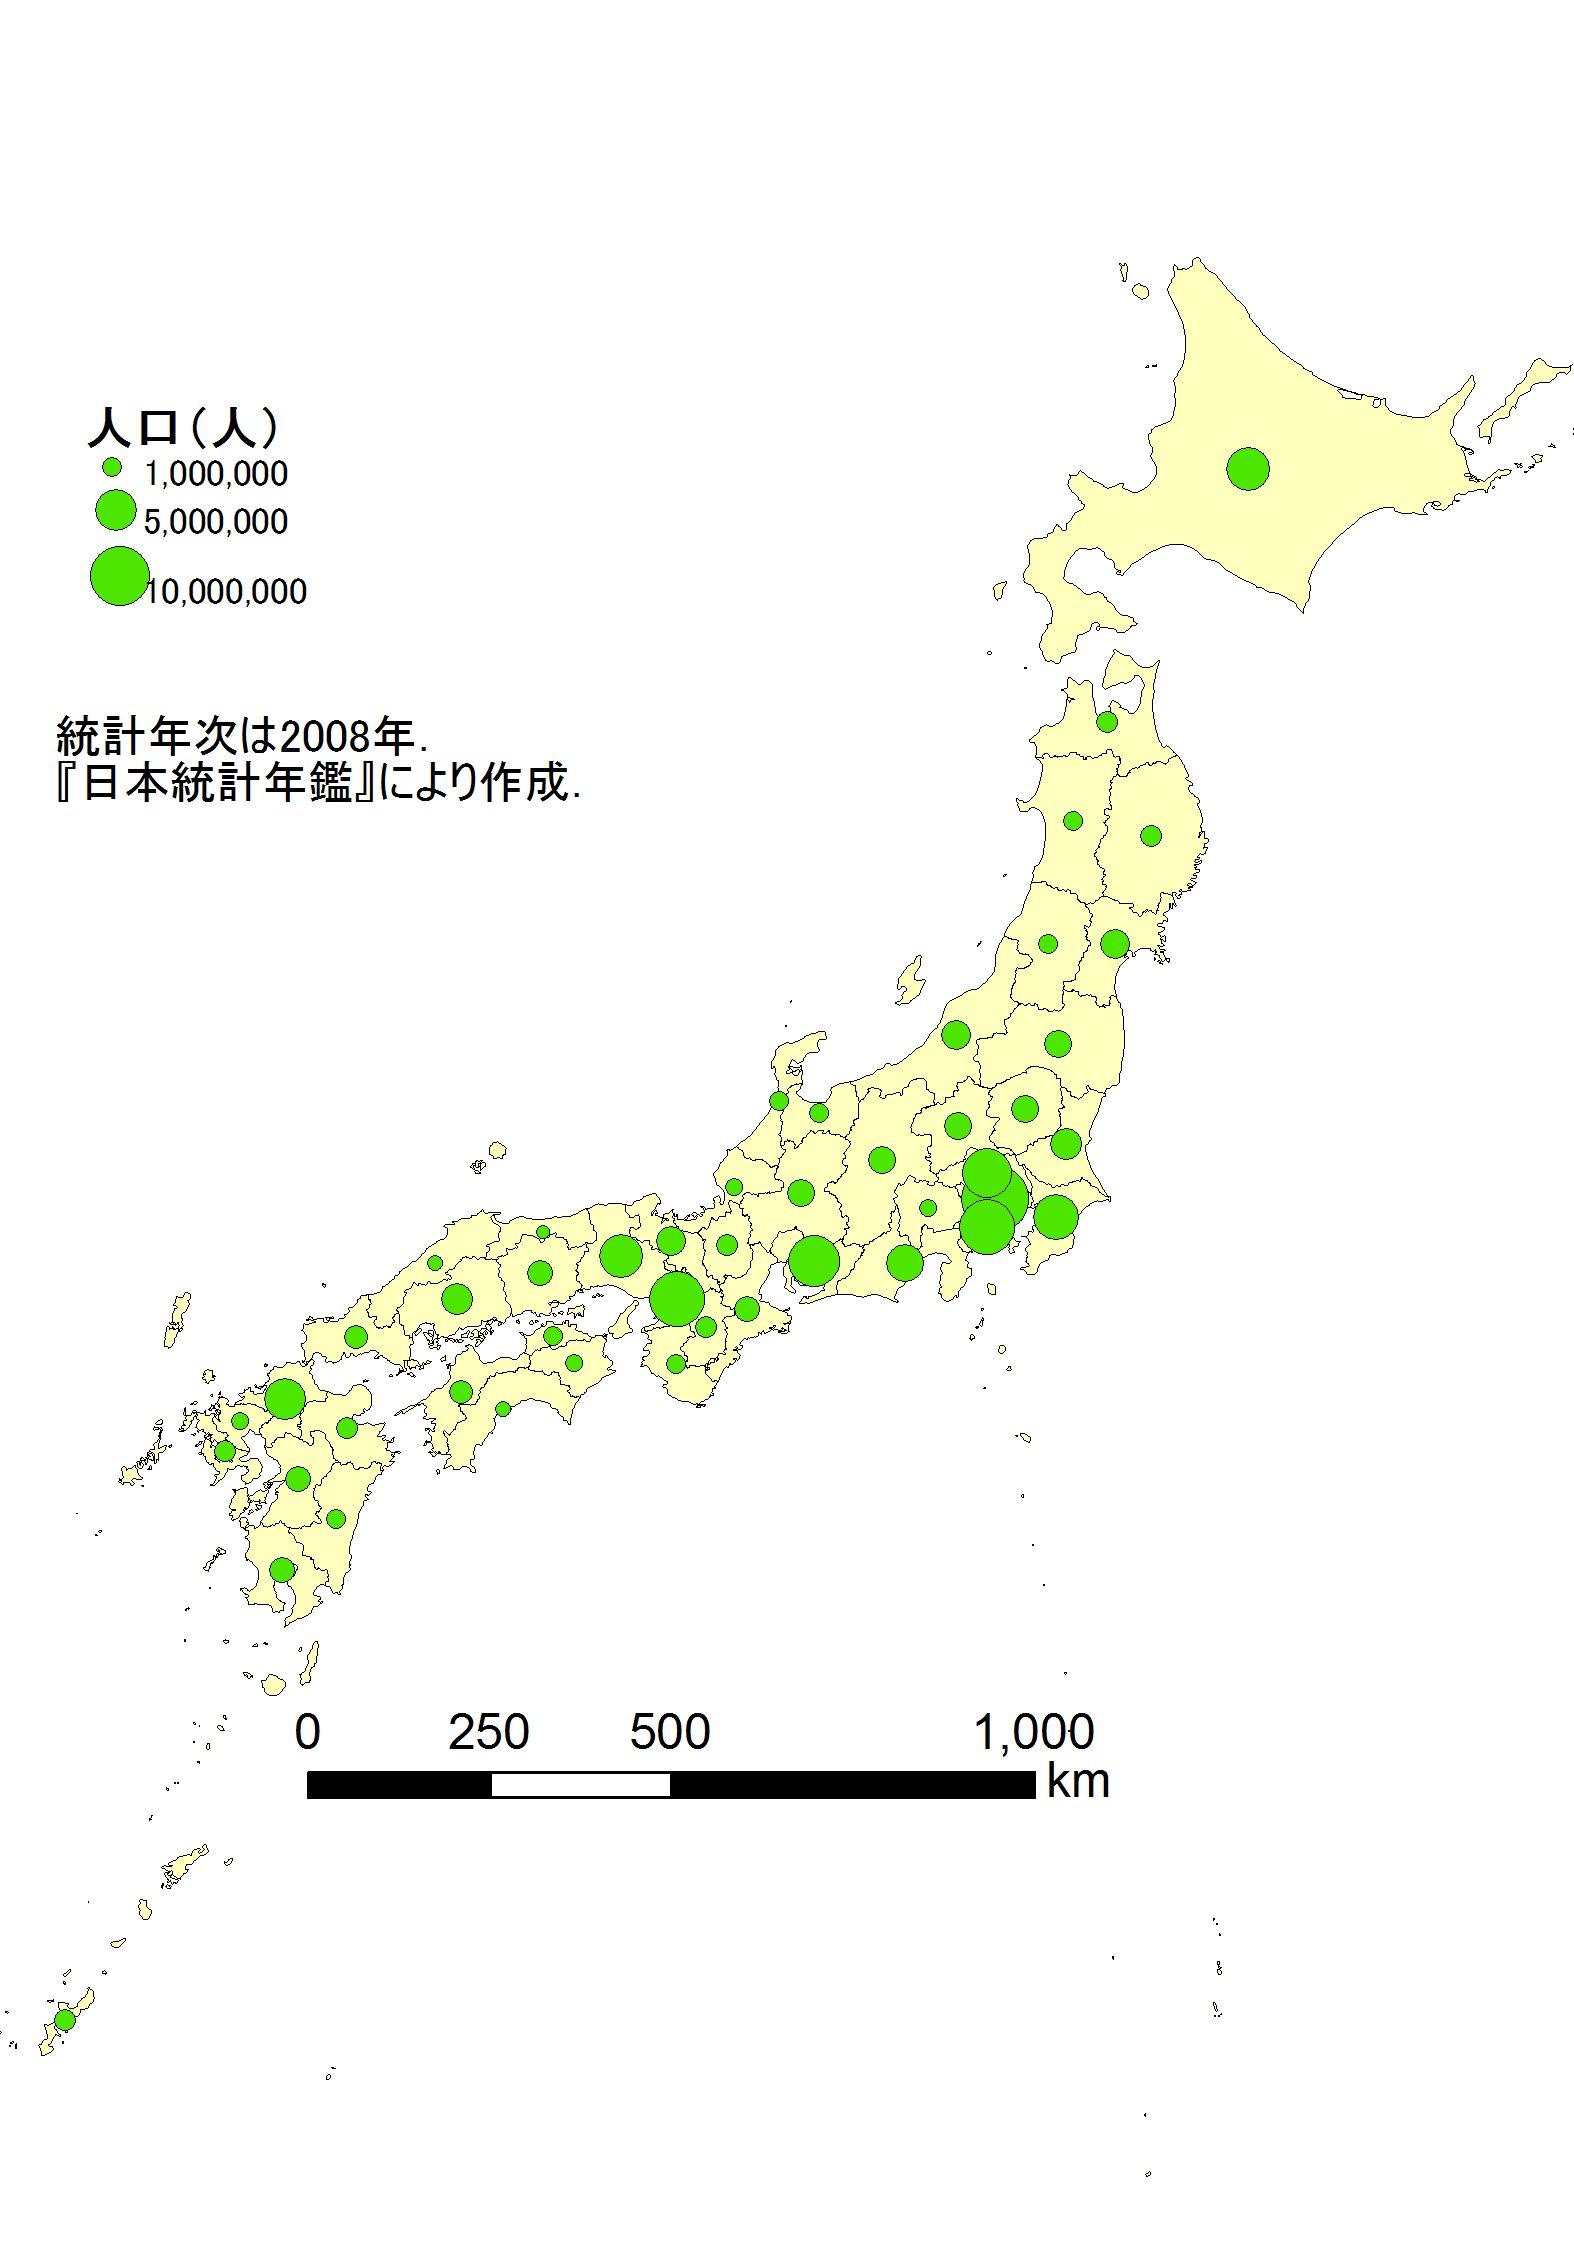 参考資料・日本の都道府県別人口密度を表す階級区分図のjpegファイルはコチラ ・日本の都道府県別人口を示す図形表現図のjpegファイルはコチラ